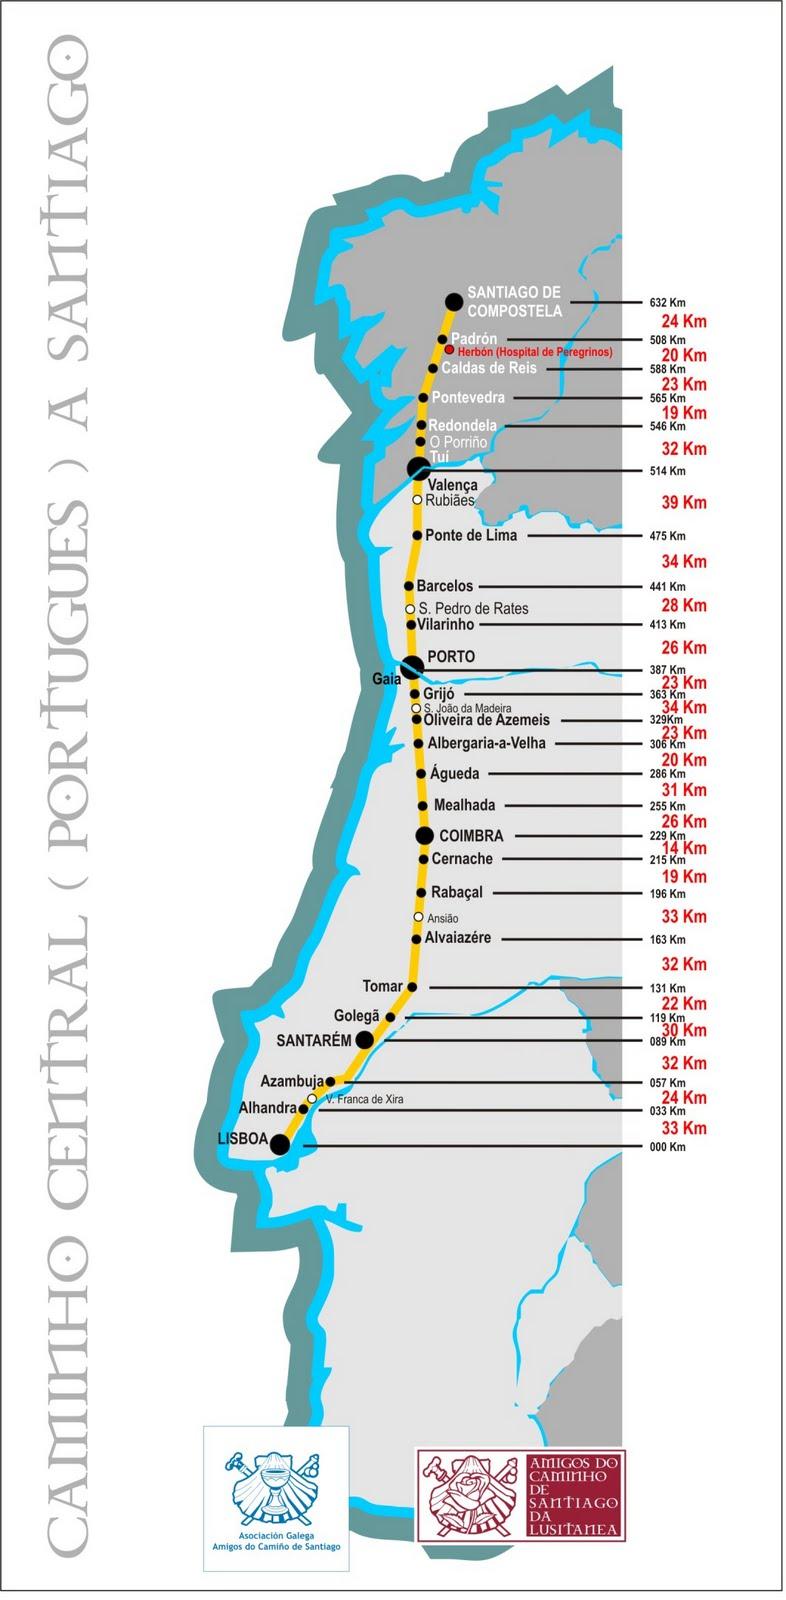 mapa caminho de santiago portugues Caminho Central (Português) a Santiago: Mapa do Caminho Central  mapa caminho de santiago portugues